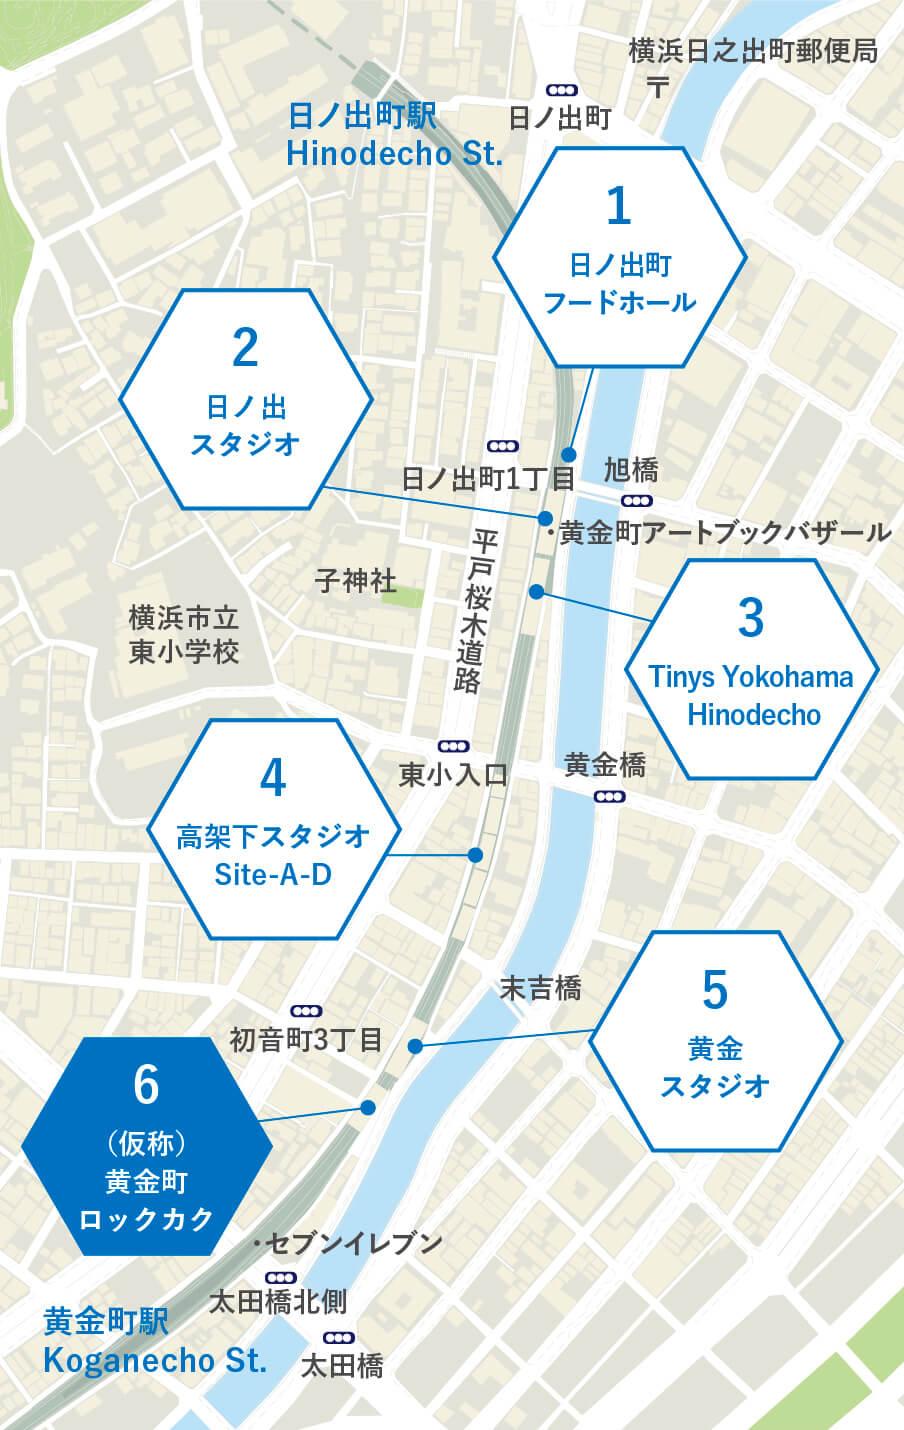 日ノ出町・黄金町駅間高架下マップ